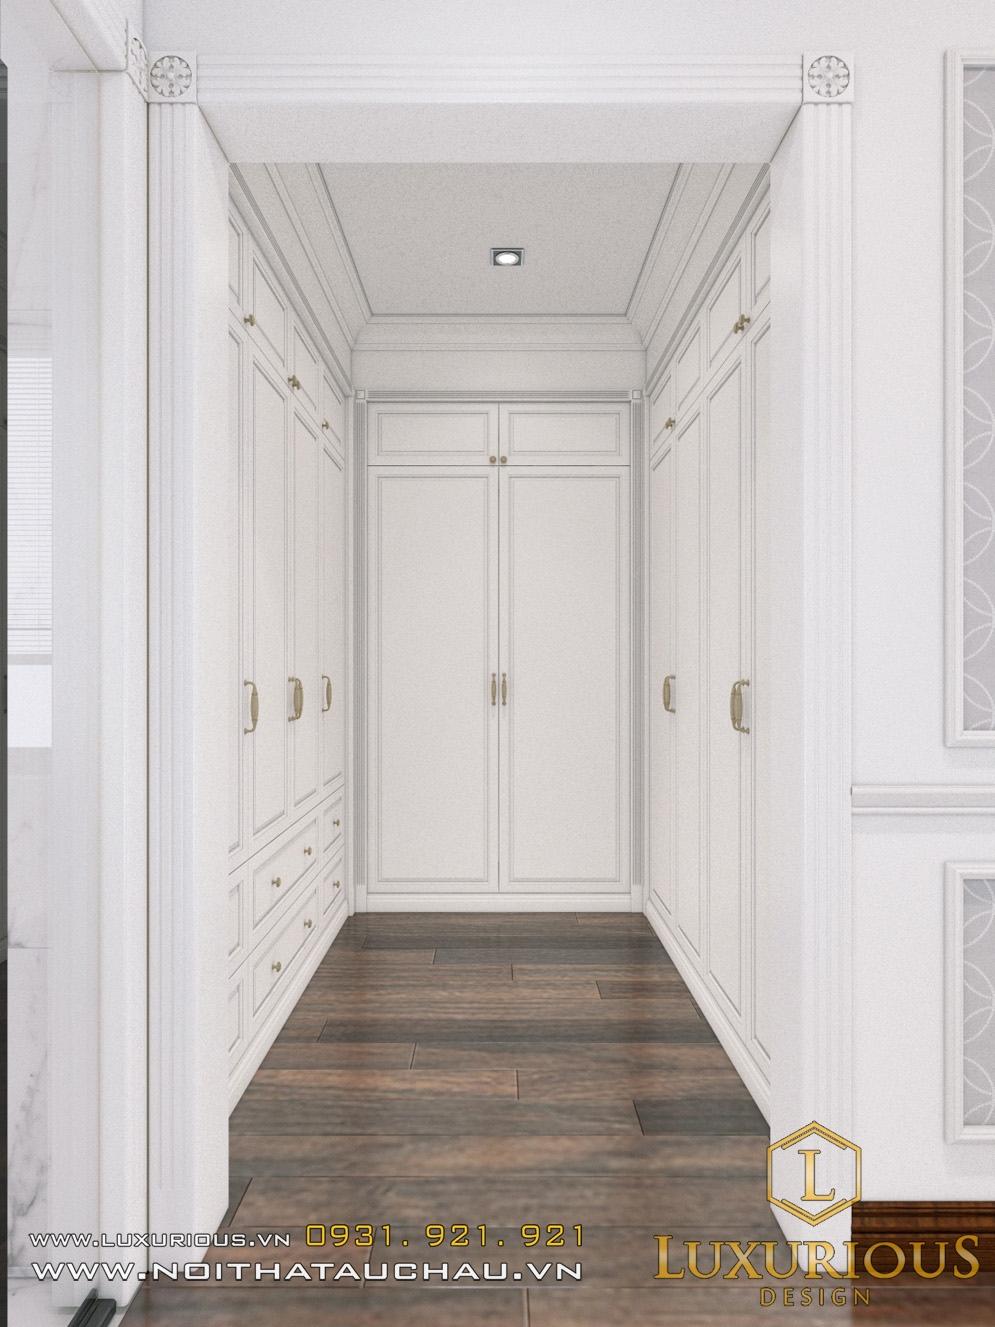 Hành lang phòng thay đồ biệt thự với tone màu trắng